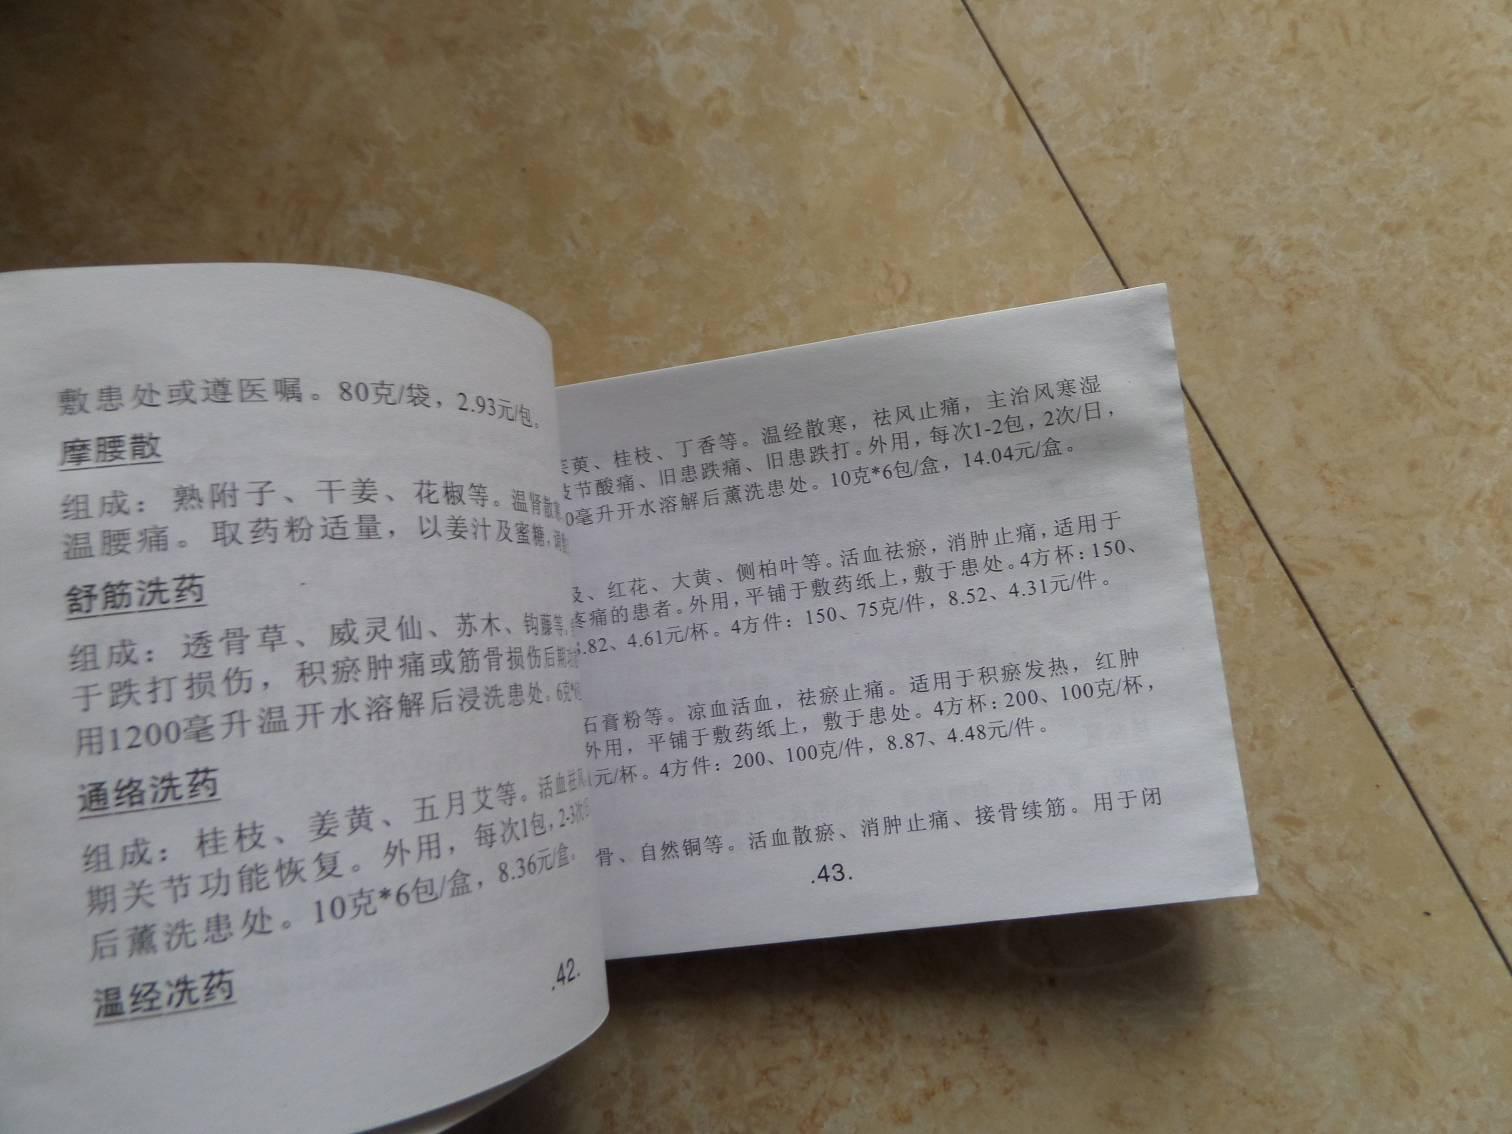 中药制剂手册(佛山中医院)